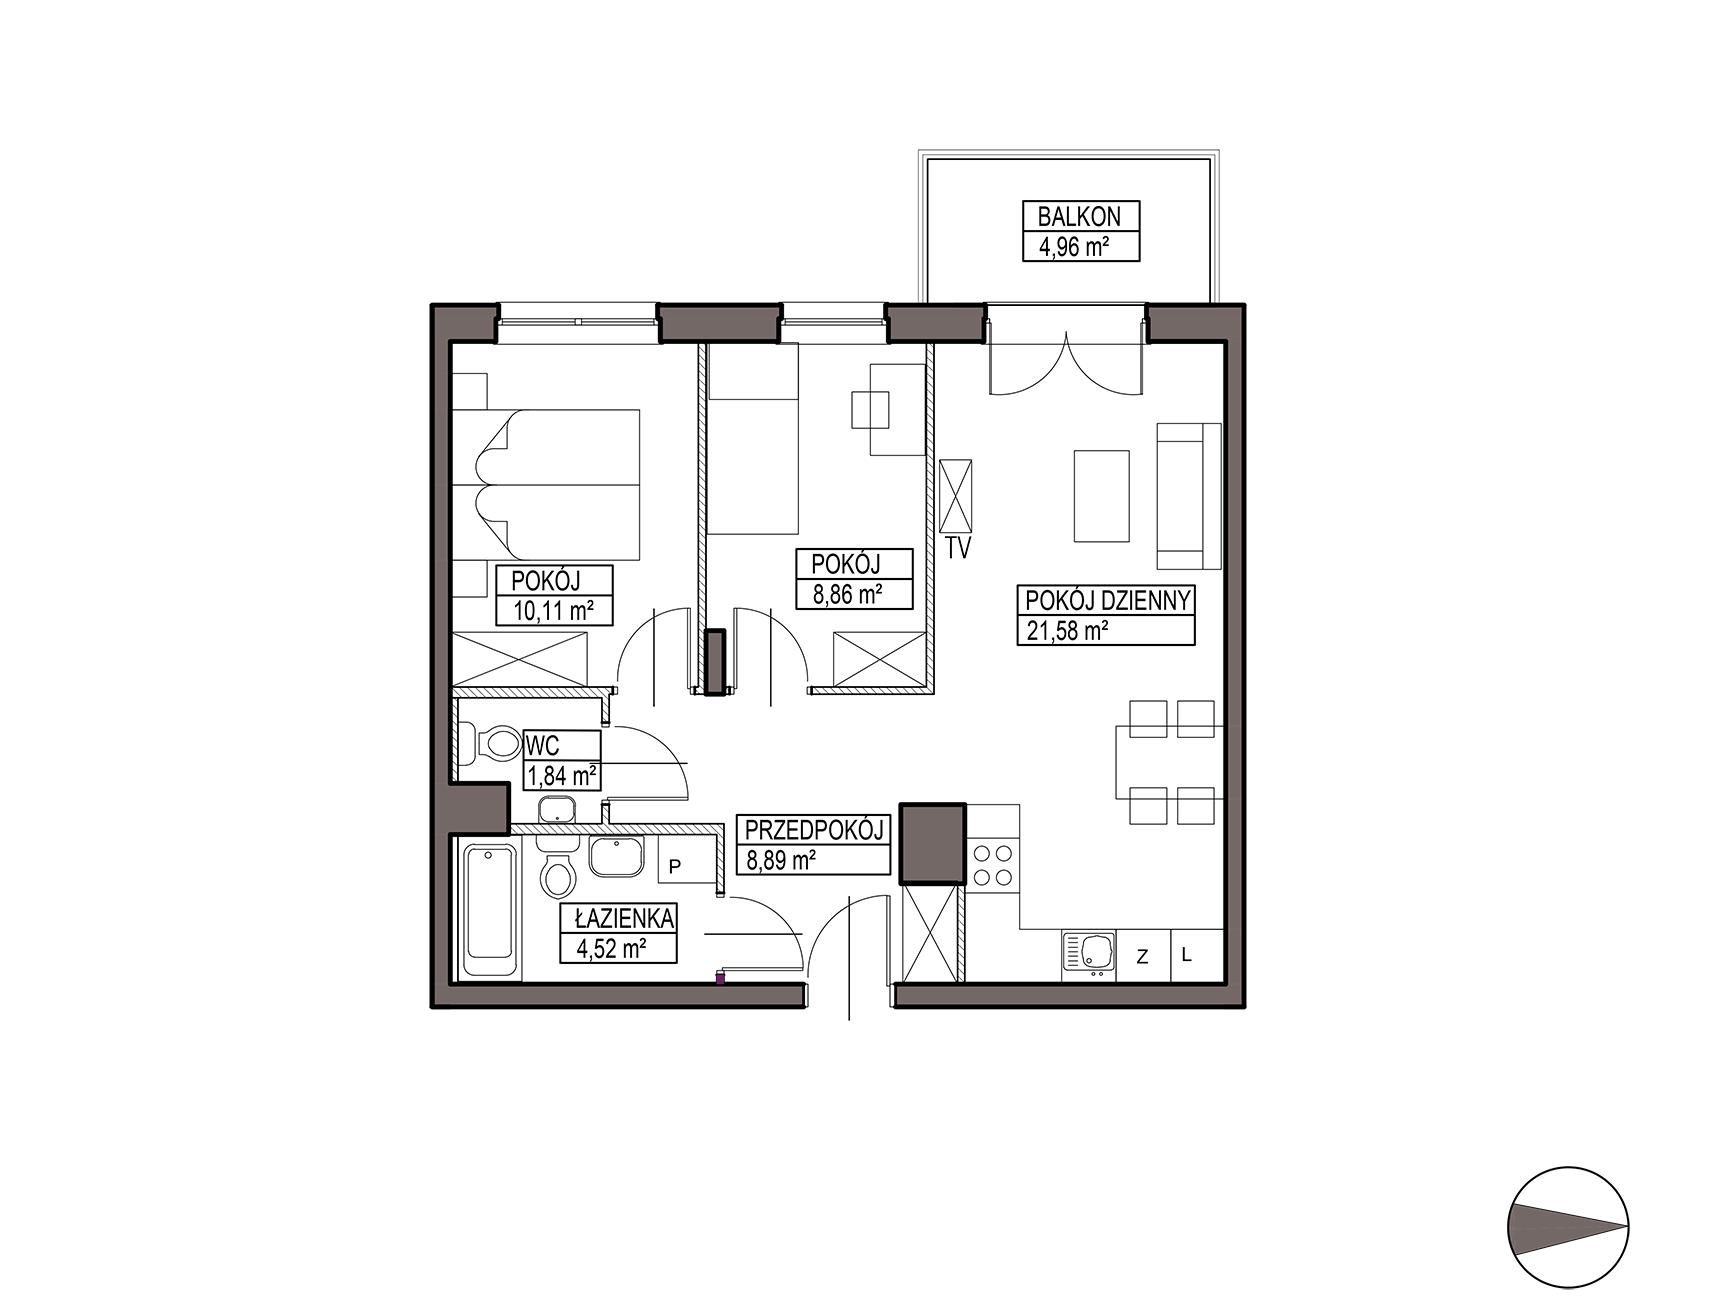 Uroczysko III / budynek 5 / mieszkanie G/0/10 rzut 1